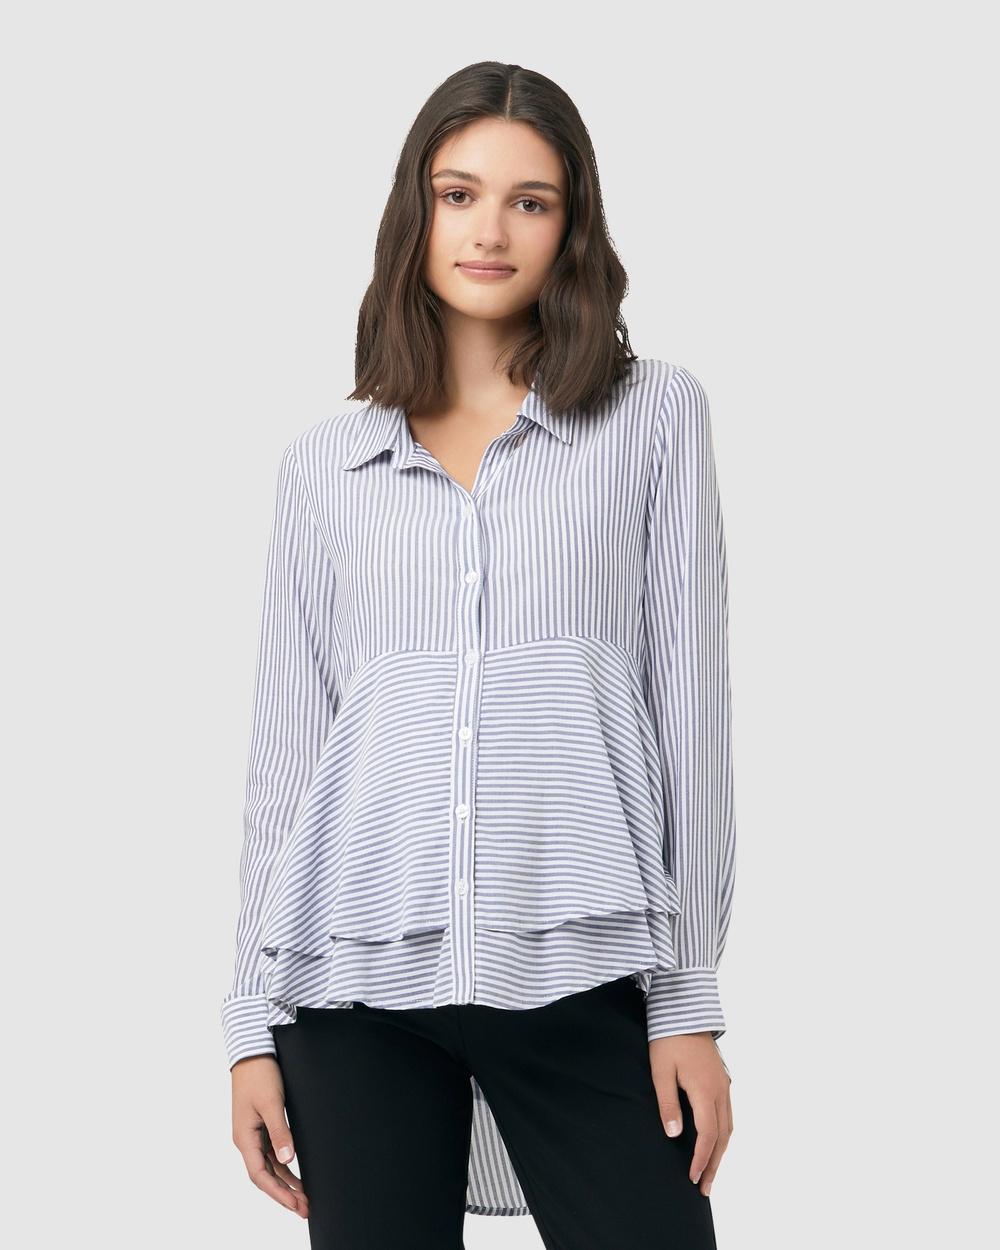 Ripe Maternity Stripe Layered Peplum Shirt Tops Navy/White Stripe Layered Peplum Shirt